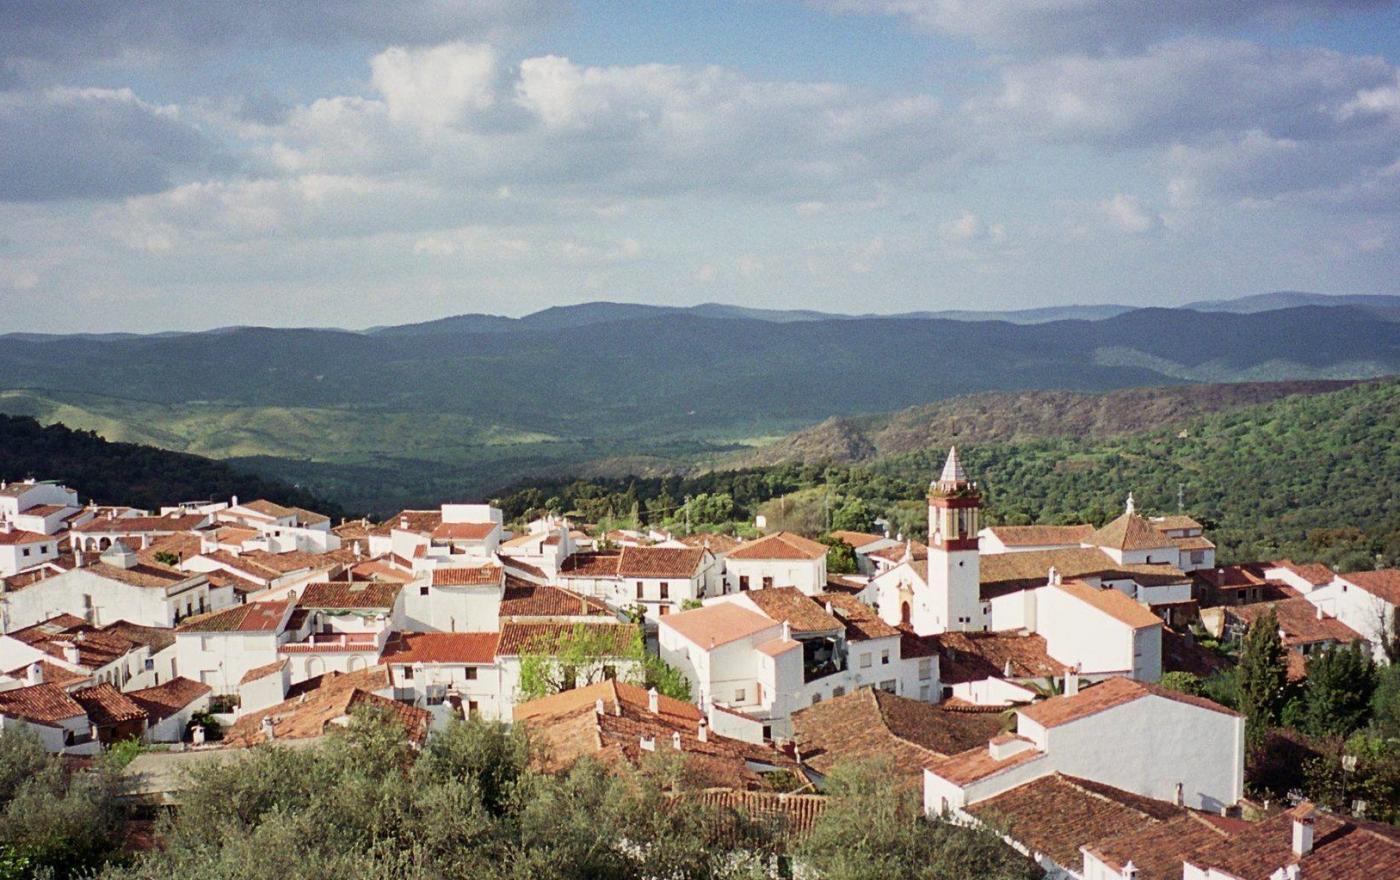 La sequía obliga a activar restricciones nocturnas en pueblos de la Sierra de Huelva